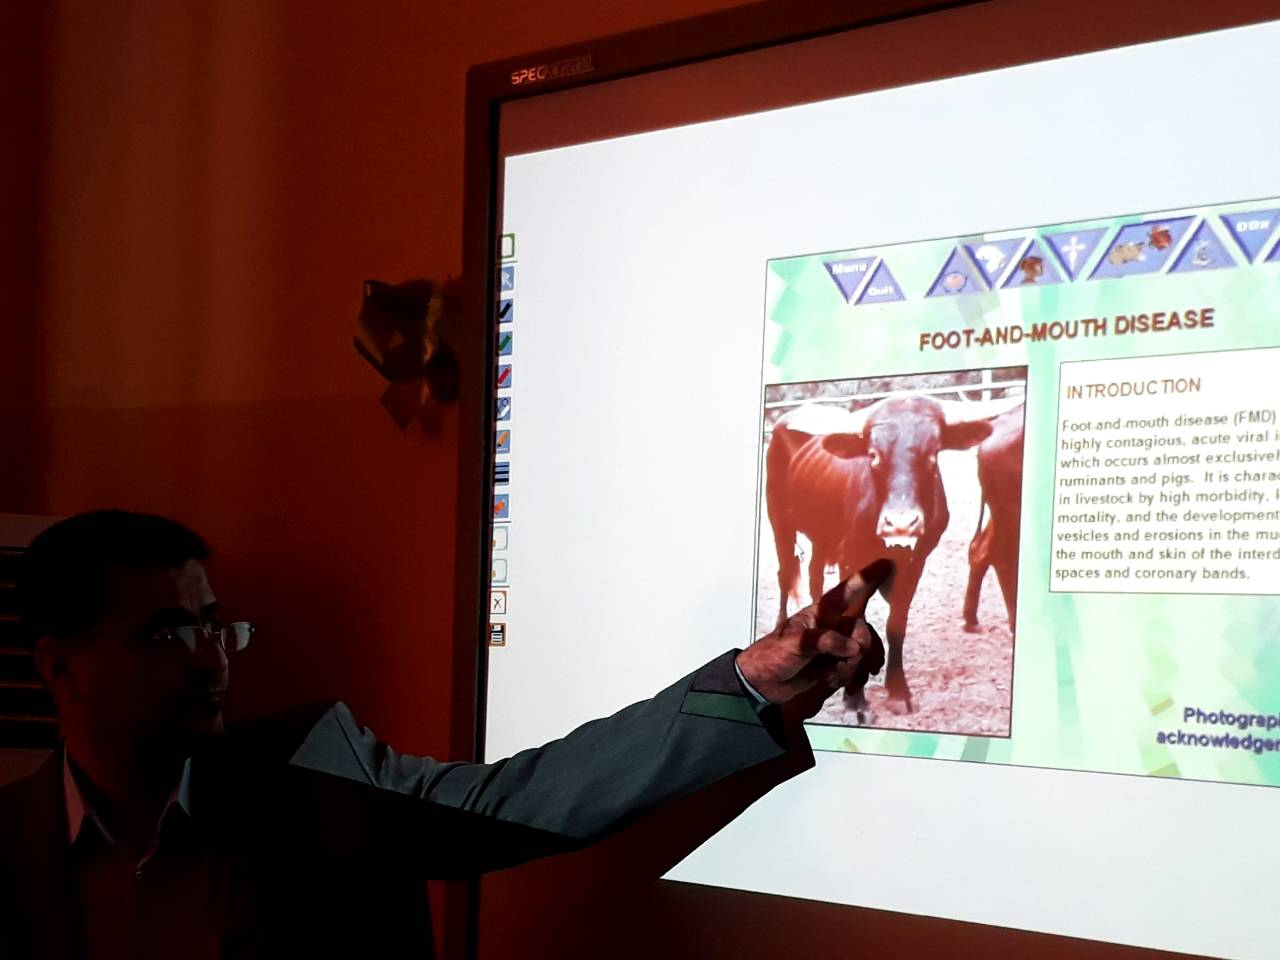 كلية الطب البيطري /جامعة القادسية تقيم حلقة نقاشية عن الأمراض الفيروسية الجلدية التي تصيب الأبقار في محافظة الديوانية